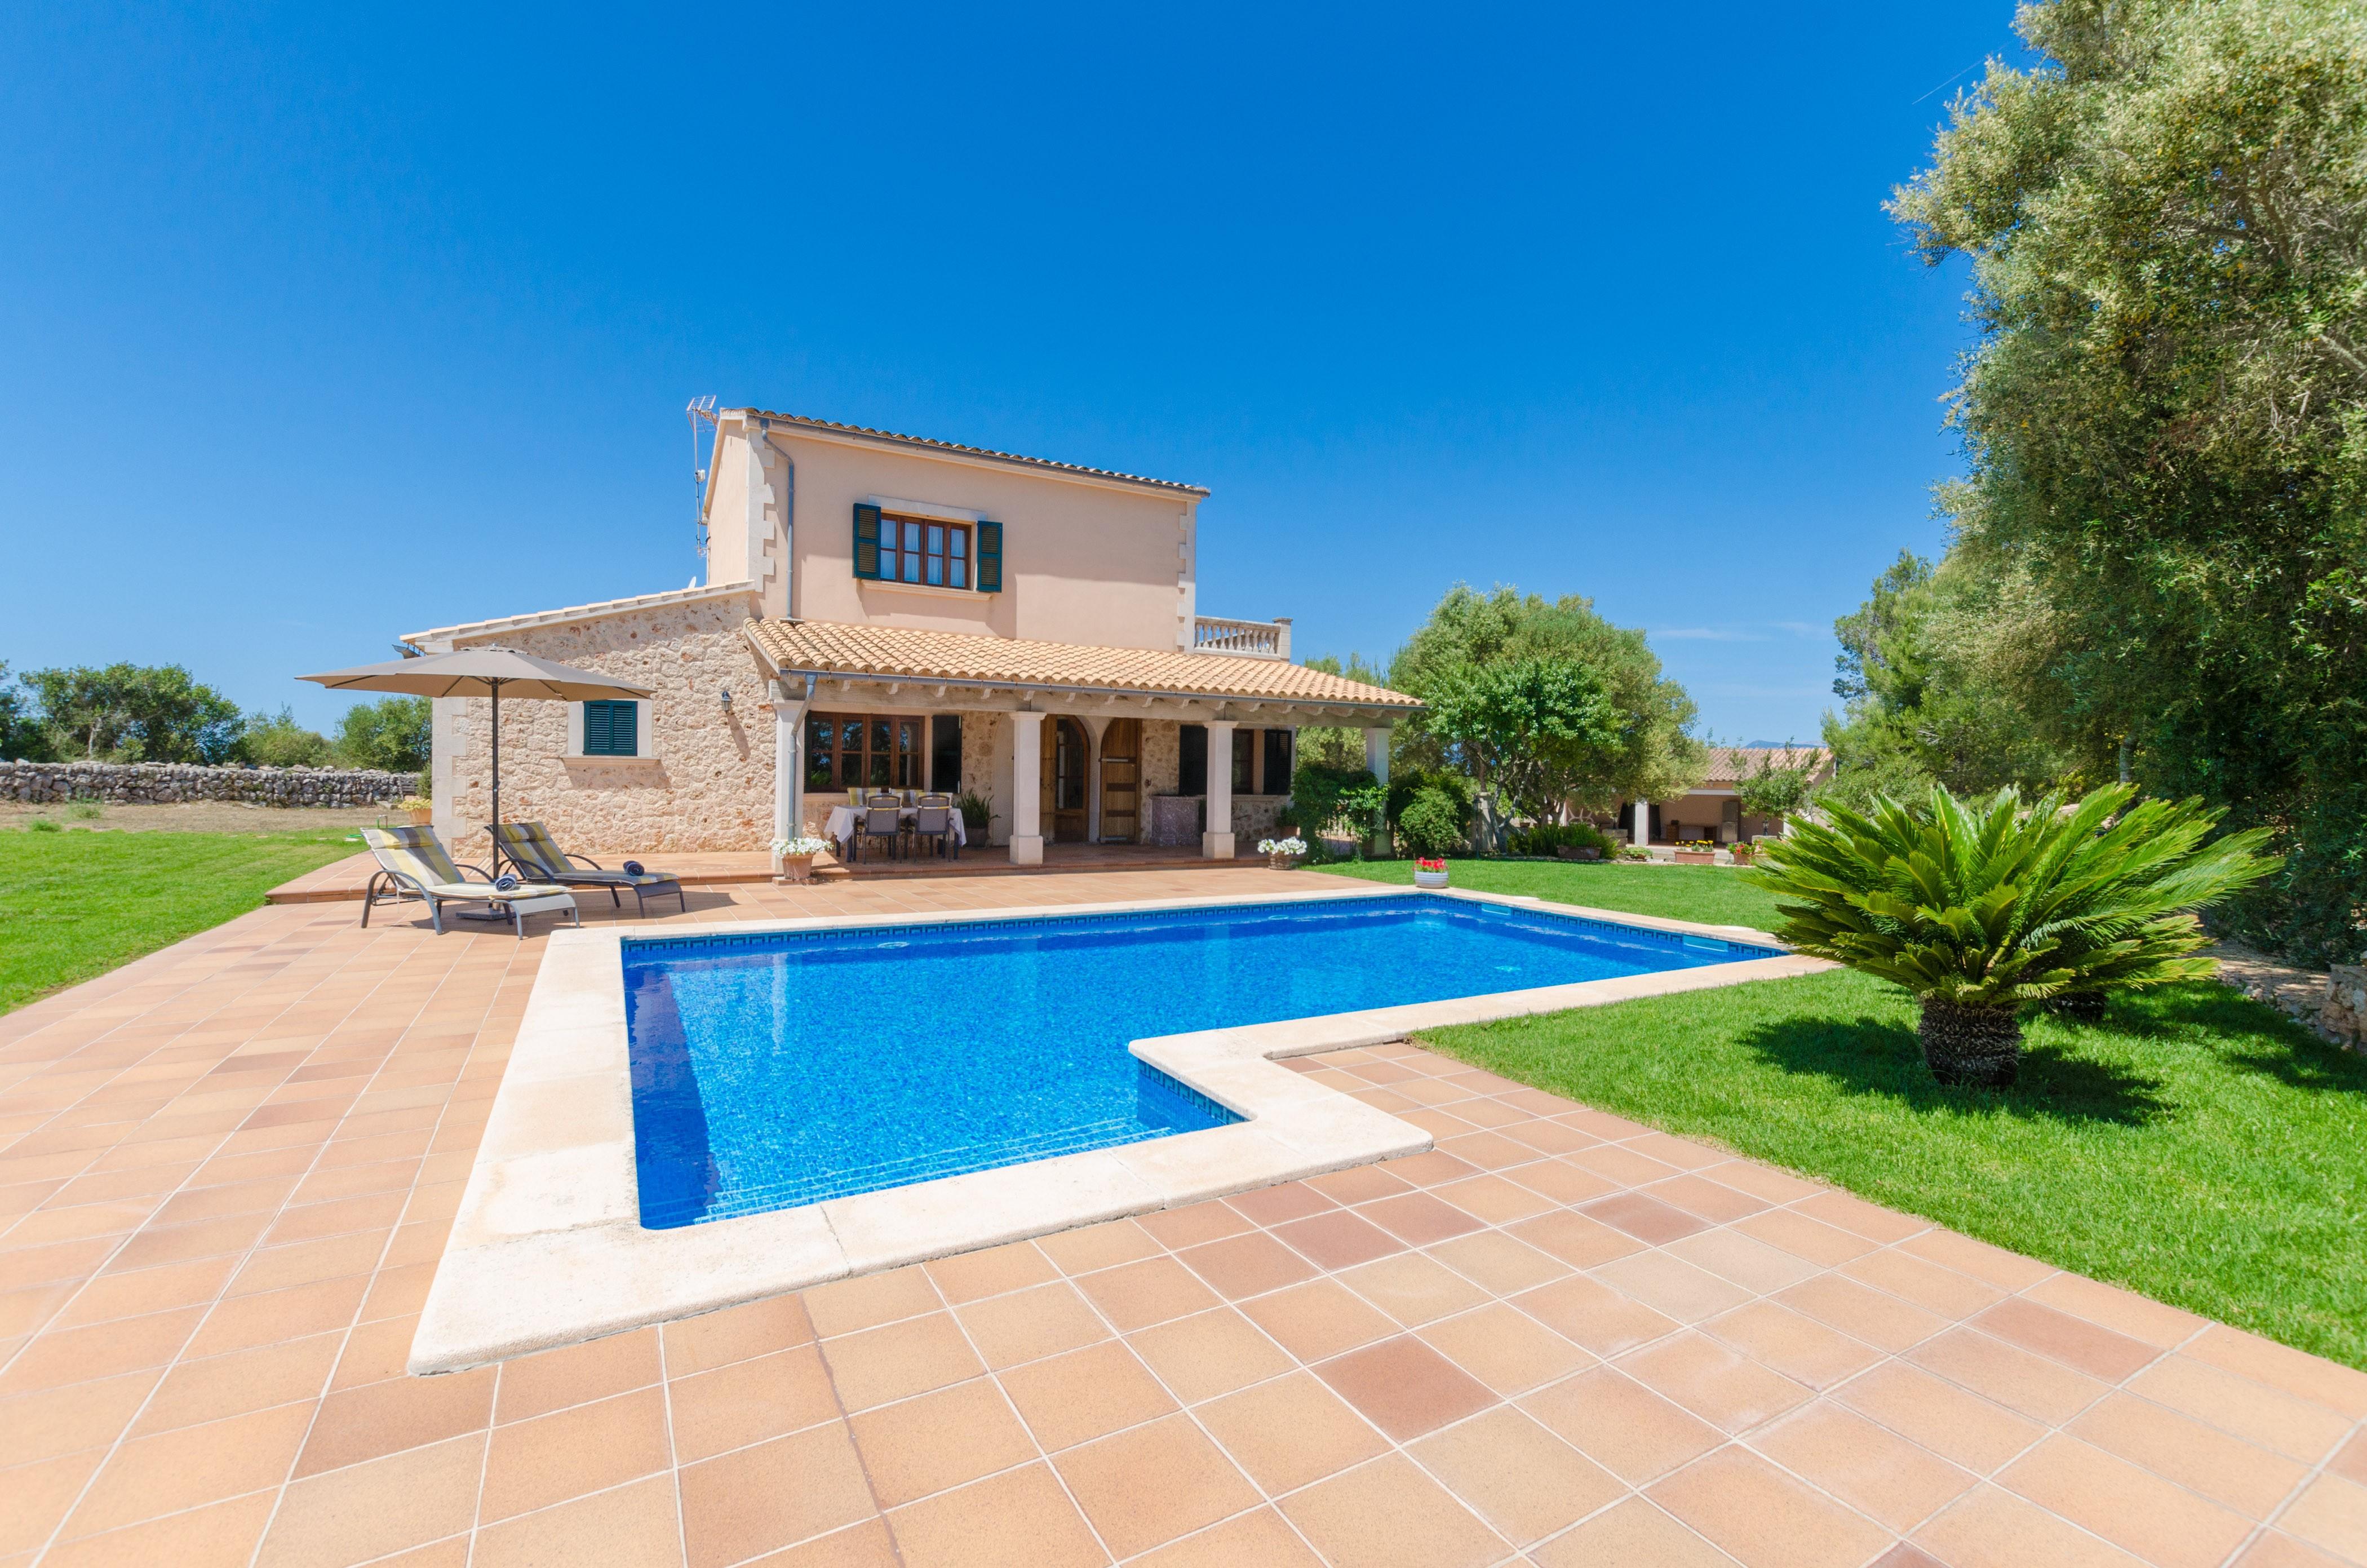 Maison de vacances ES VEDAT (2632993), Lloret de Vistalegre, Majorque, Iles Baléares, Espagne, image 1